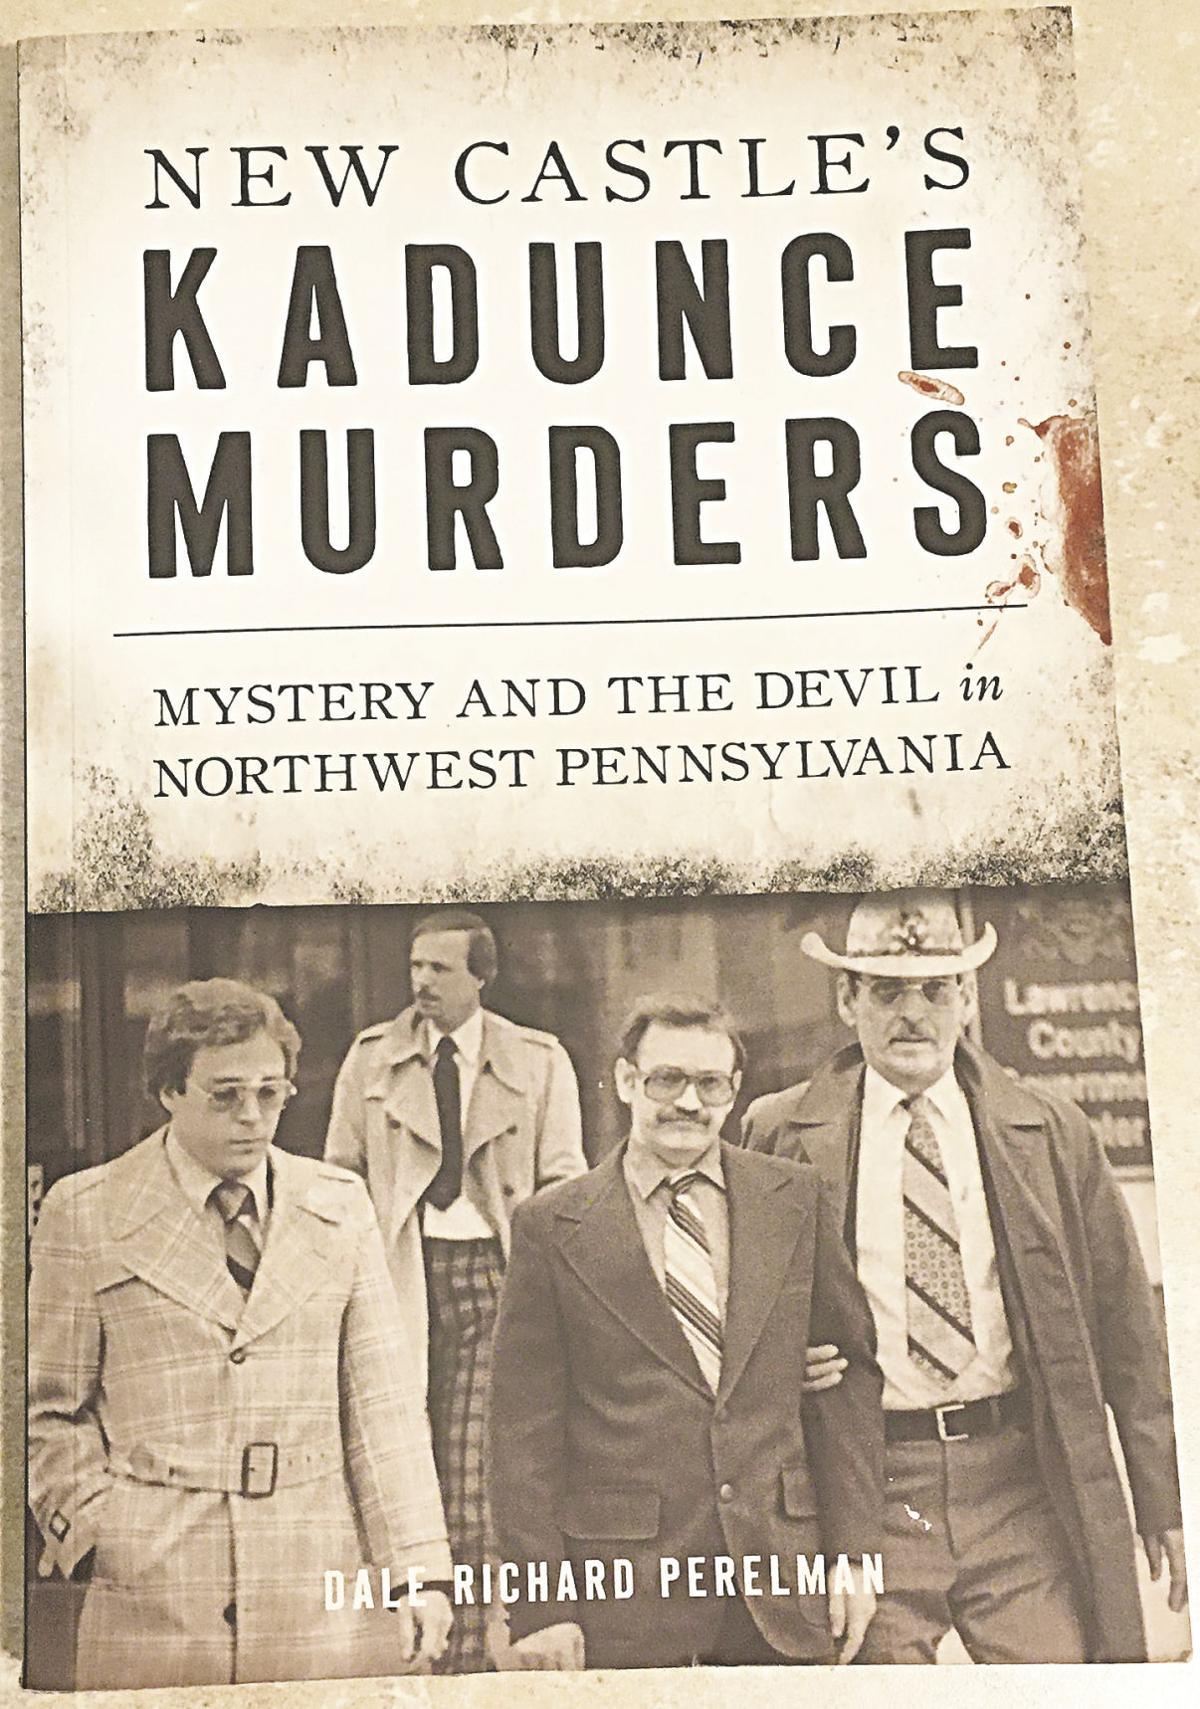 Dale Perelman's book